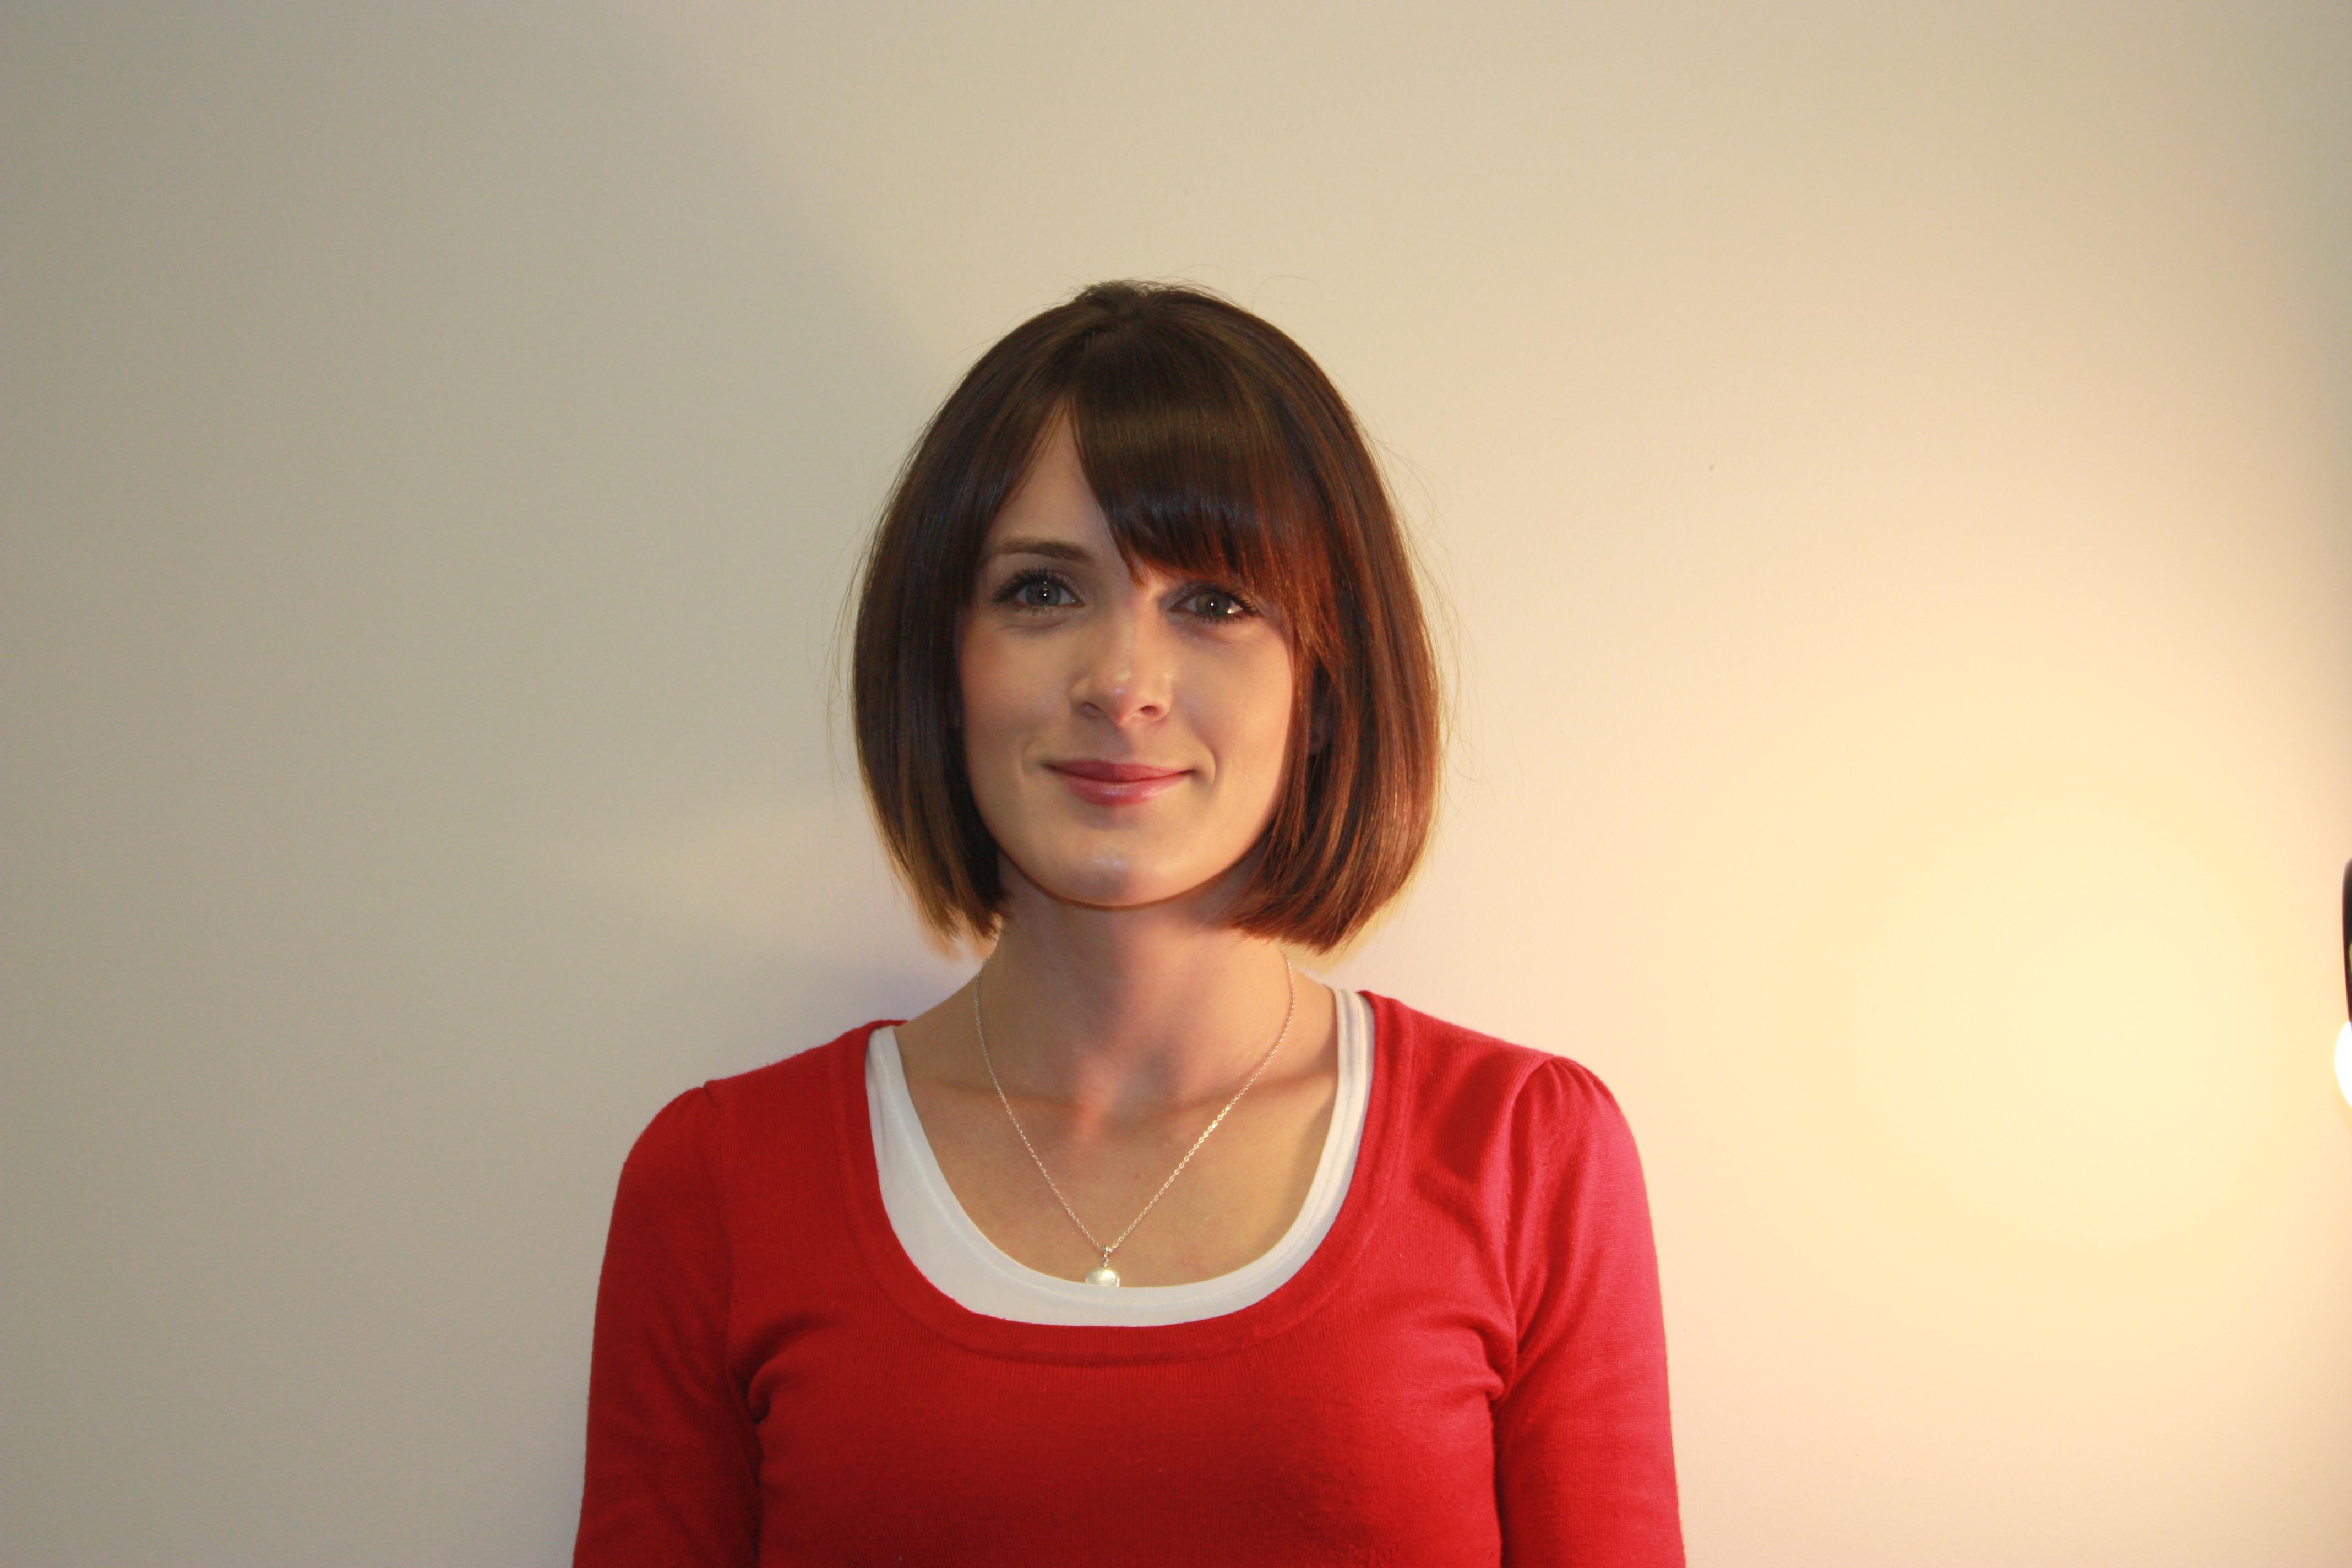 Rachel Birch